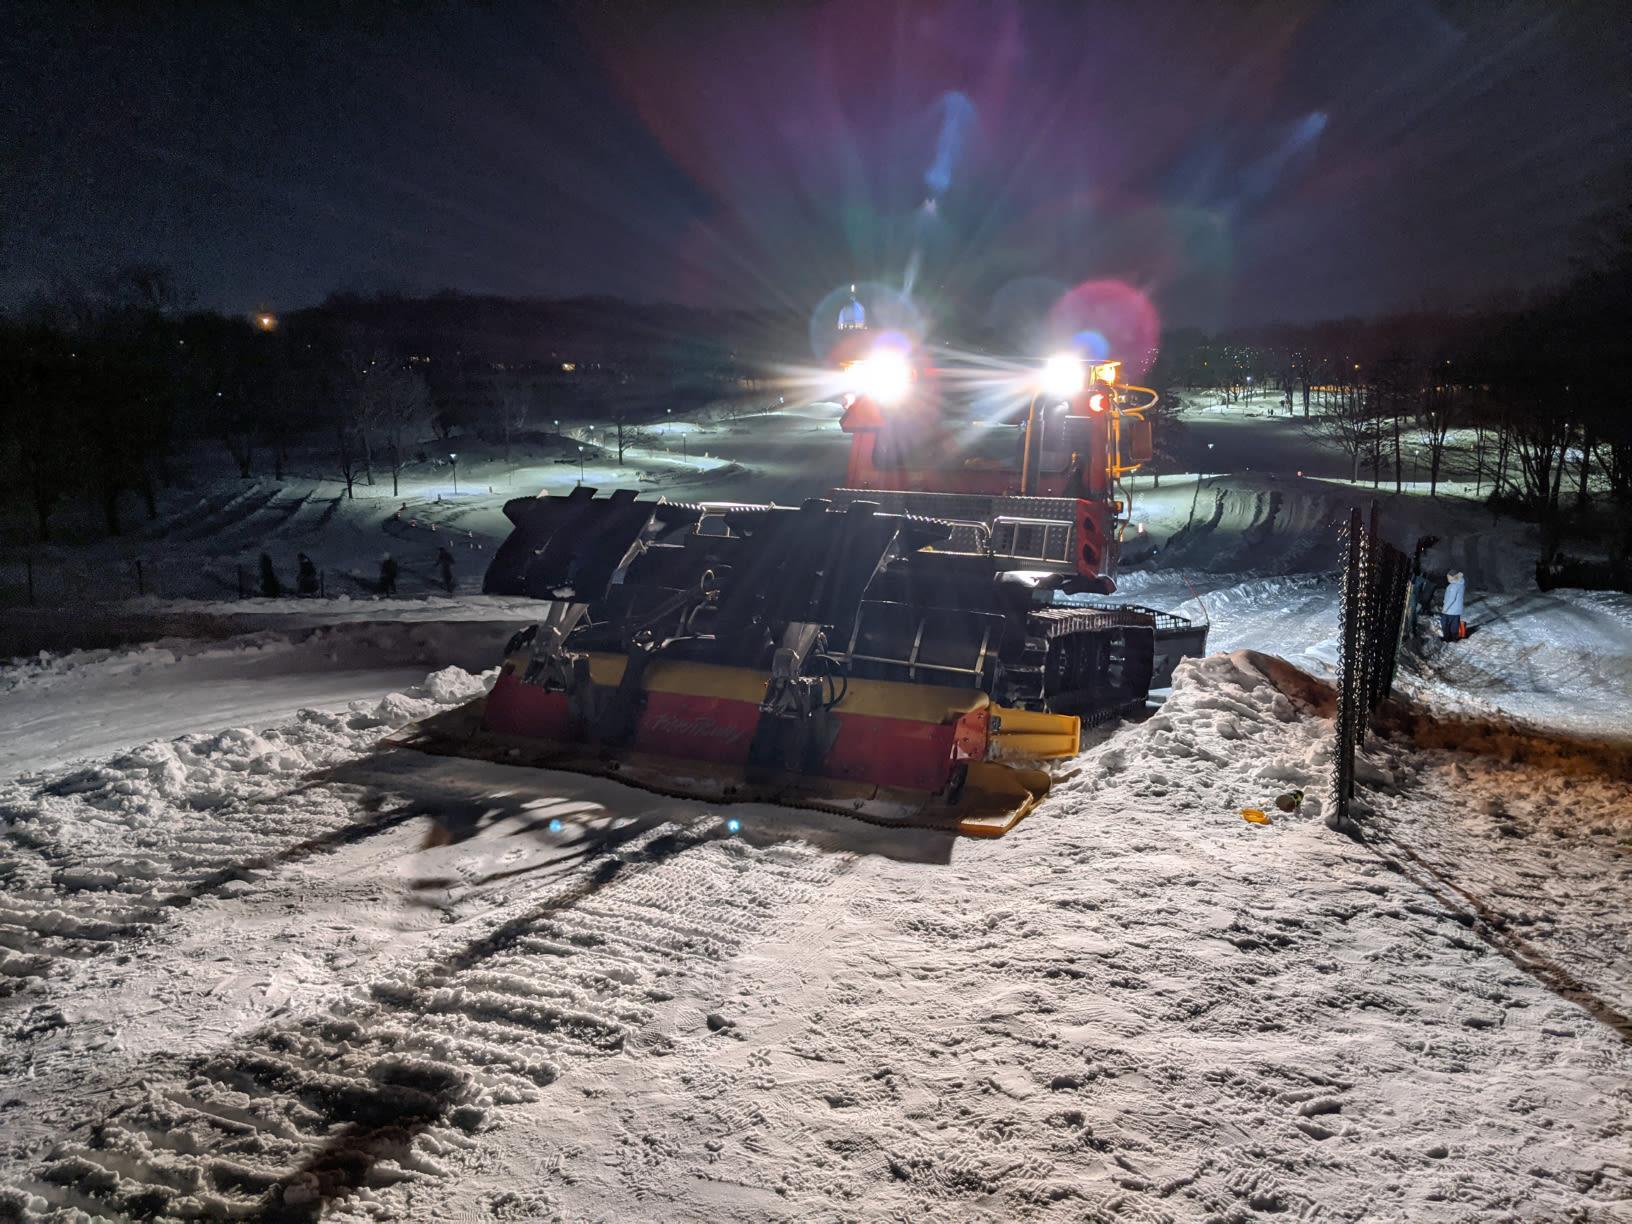 Dameuse-traceuse sur une piste de glisse au mont Royal de nuit